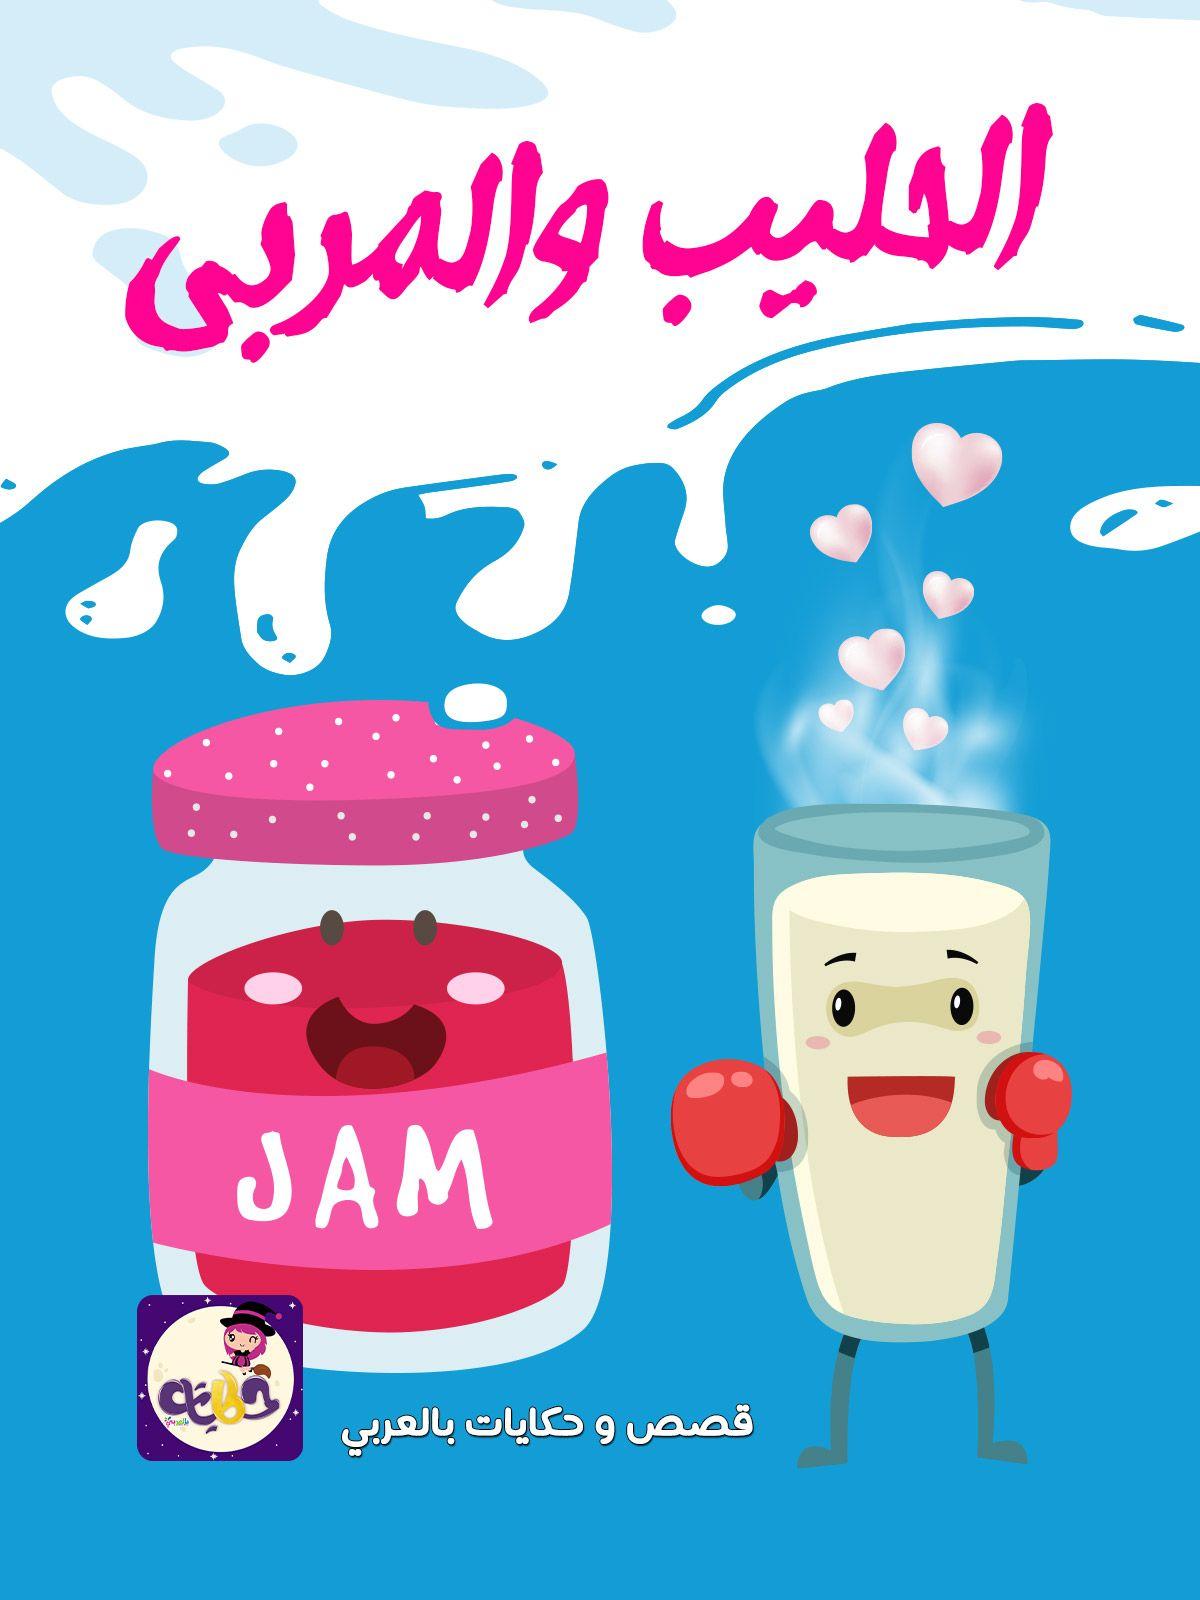 قصة الحليب والمربى قصص تربوية للاطفال قصة مميزة بتطبيق قصص وحكايات بالعربي Family Guy Character Jam